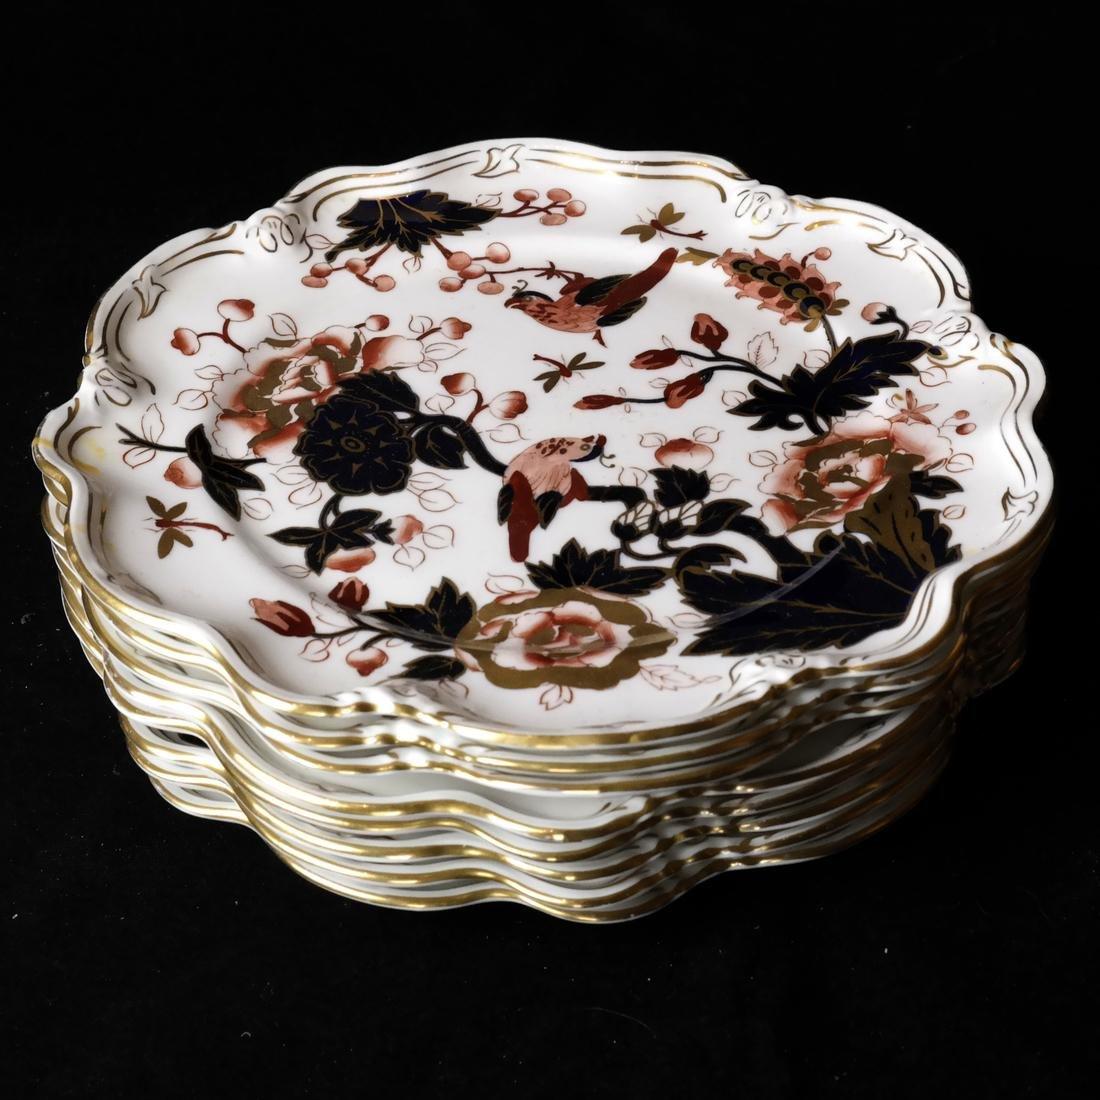 8 Coalport Porcelain Plates - 2